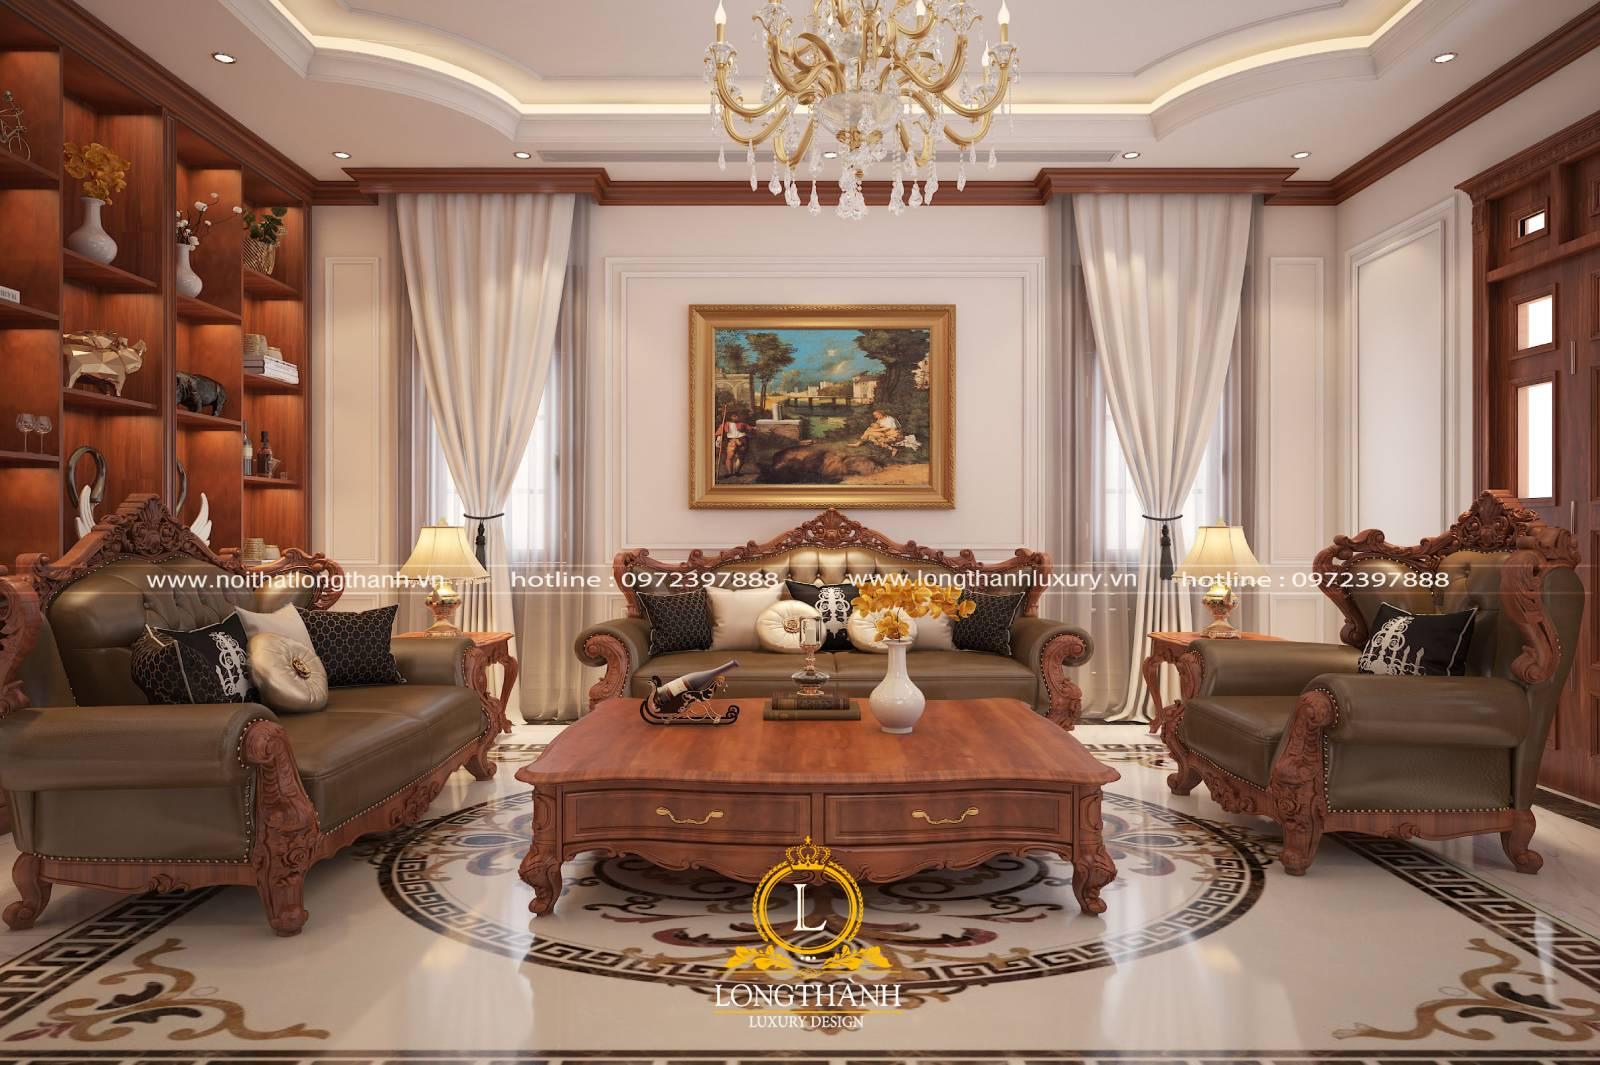 Sofa văng phòng khách được làm từ gỗ bọc da tự nhiên